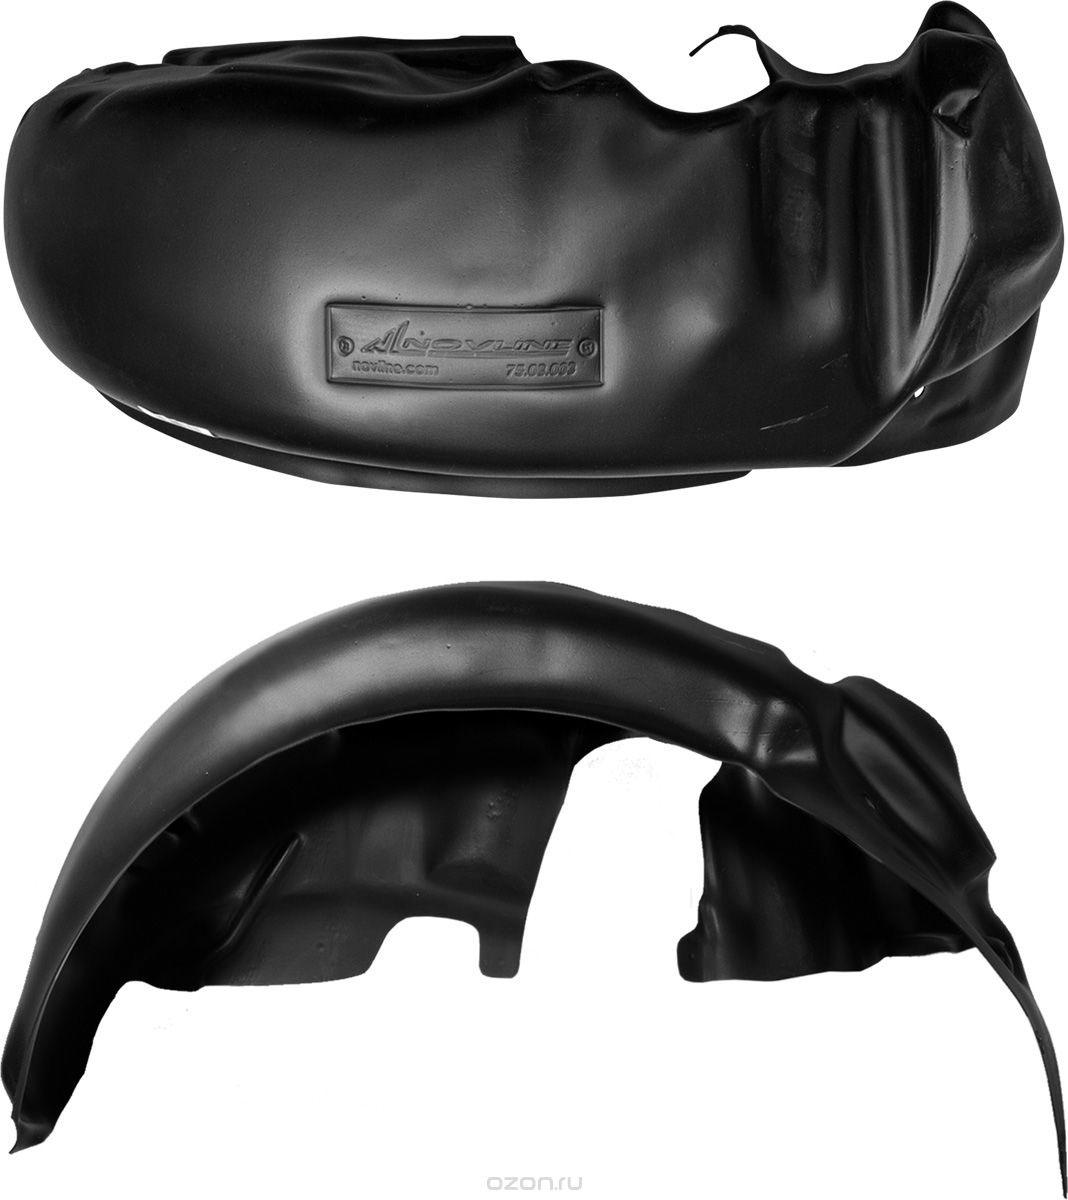 Подкрылок Novline-Autofamily, для Hyundai i30, 2012->, передний правыйNLL.20.51.002Идеальная защита колесной ниши. Локеры разработаны с применением цифровых технологий, гарантируют максимальную повторяемость поверхности арки. Изделия устанавливаются без нарушения лакокрасочного покрытия автомобиля, каждый подкрылок комплектуется крепежом. Уважаемые клиенты, обращаем ваше внимание, что фотографии на подкрылки универсальные и не отражают реальную форму изделия. При этом само изделие идет точно под размер указанного автомобиля.